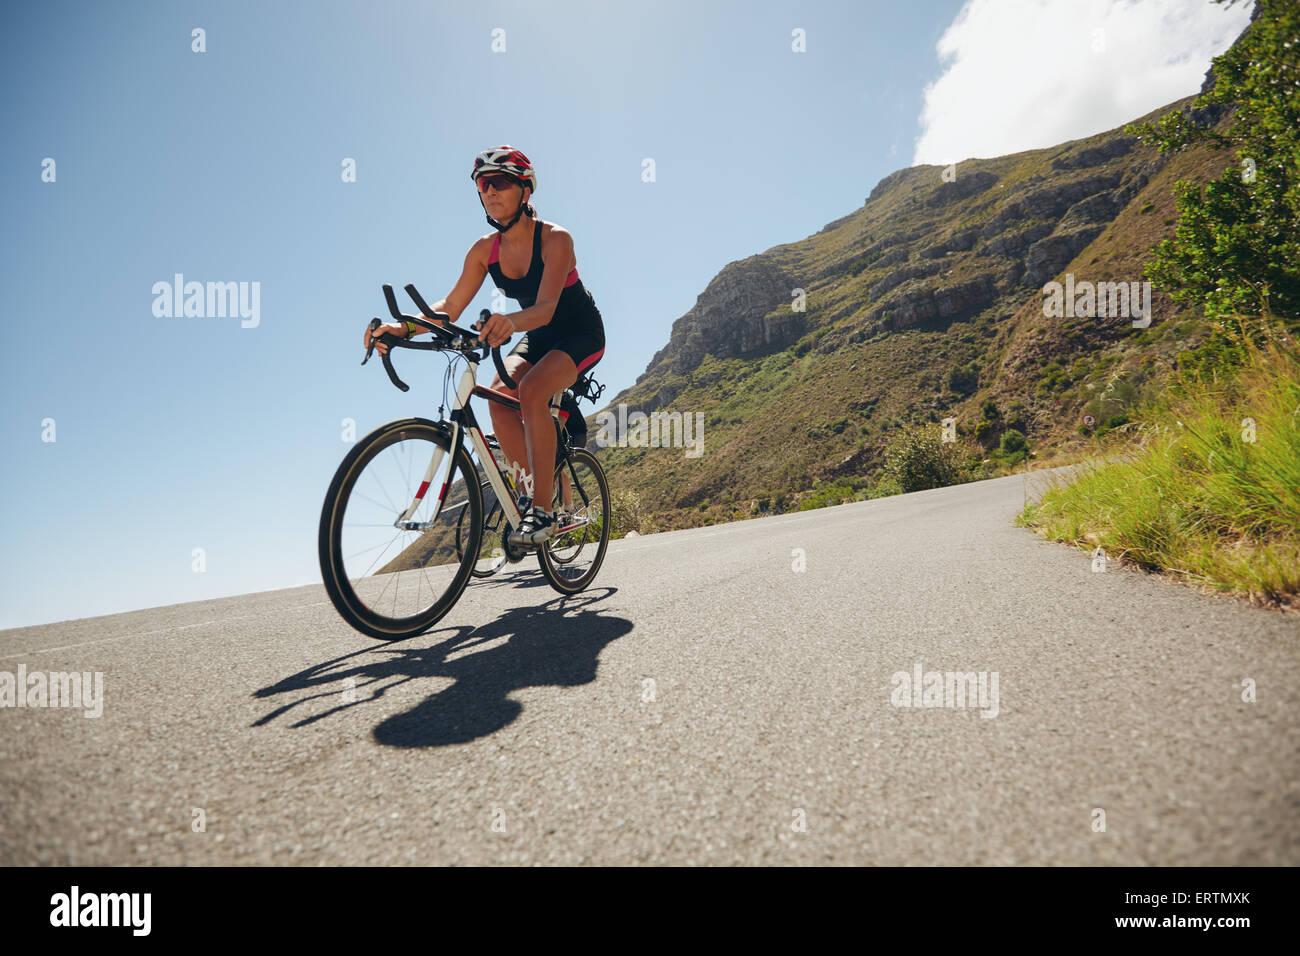 Femme en concurrence sur le cyclisme d'un triathlon avec concurrent. Les triathlètes circonscription vélo sur route Banque D'Images